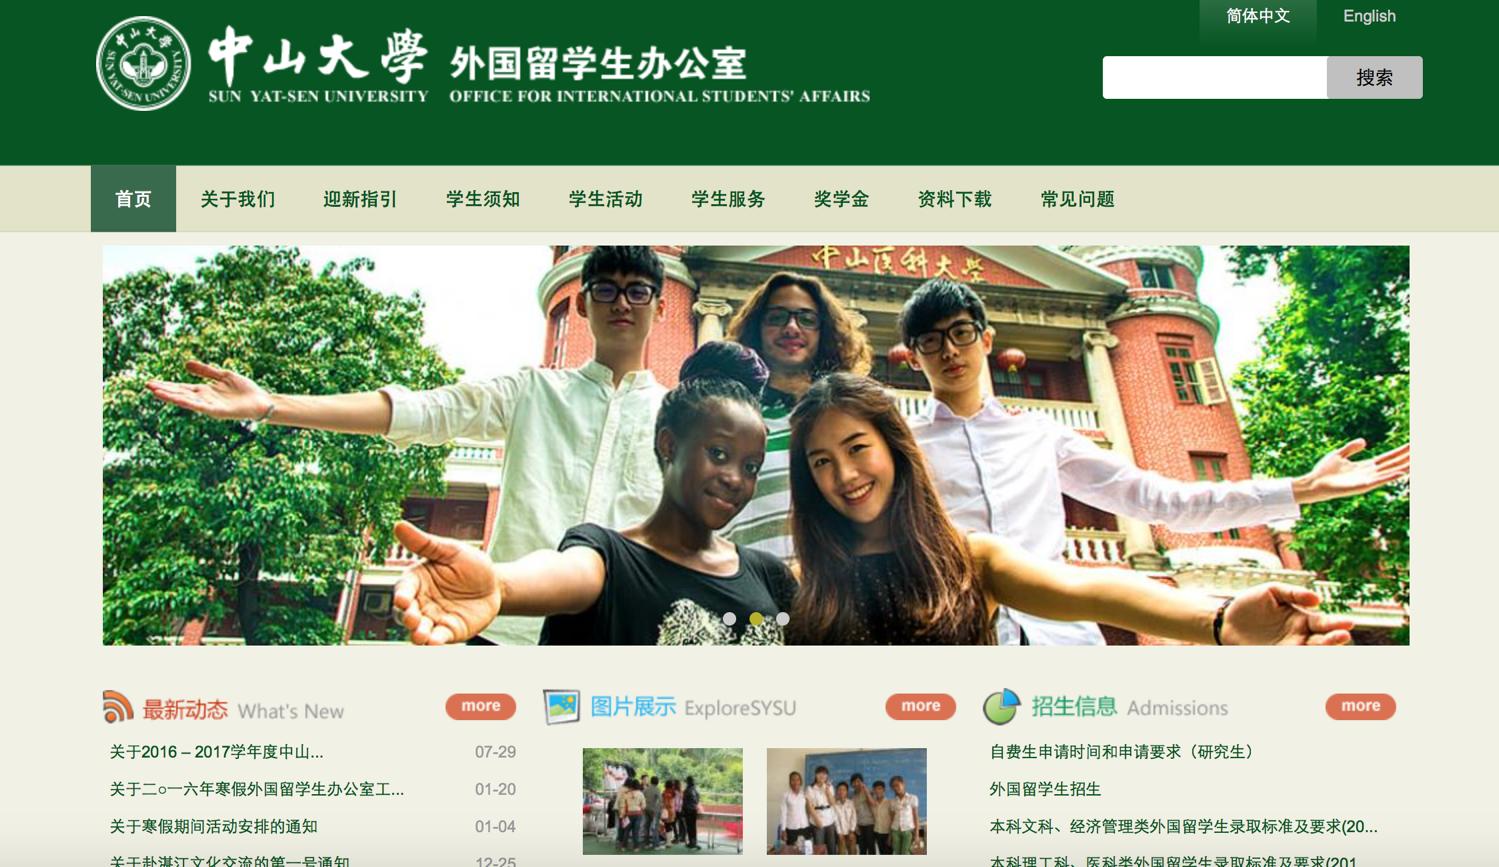 Teilweise beginnt der Austausch zwischen Ausländern und Chinesen schon an der Universität - wie hier an der Sun Yat-Sen University (SYSU) in Guangzhou, Screenshot: http://iso.sysu.edu.cn/